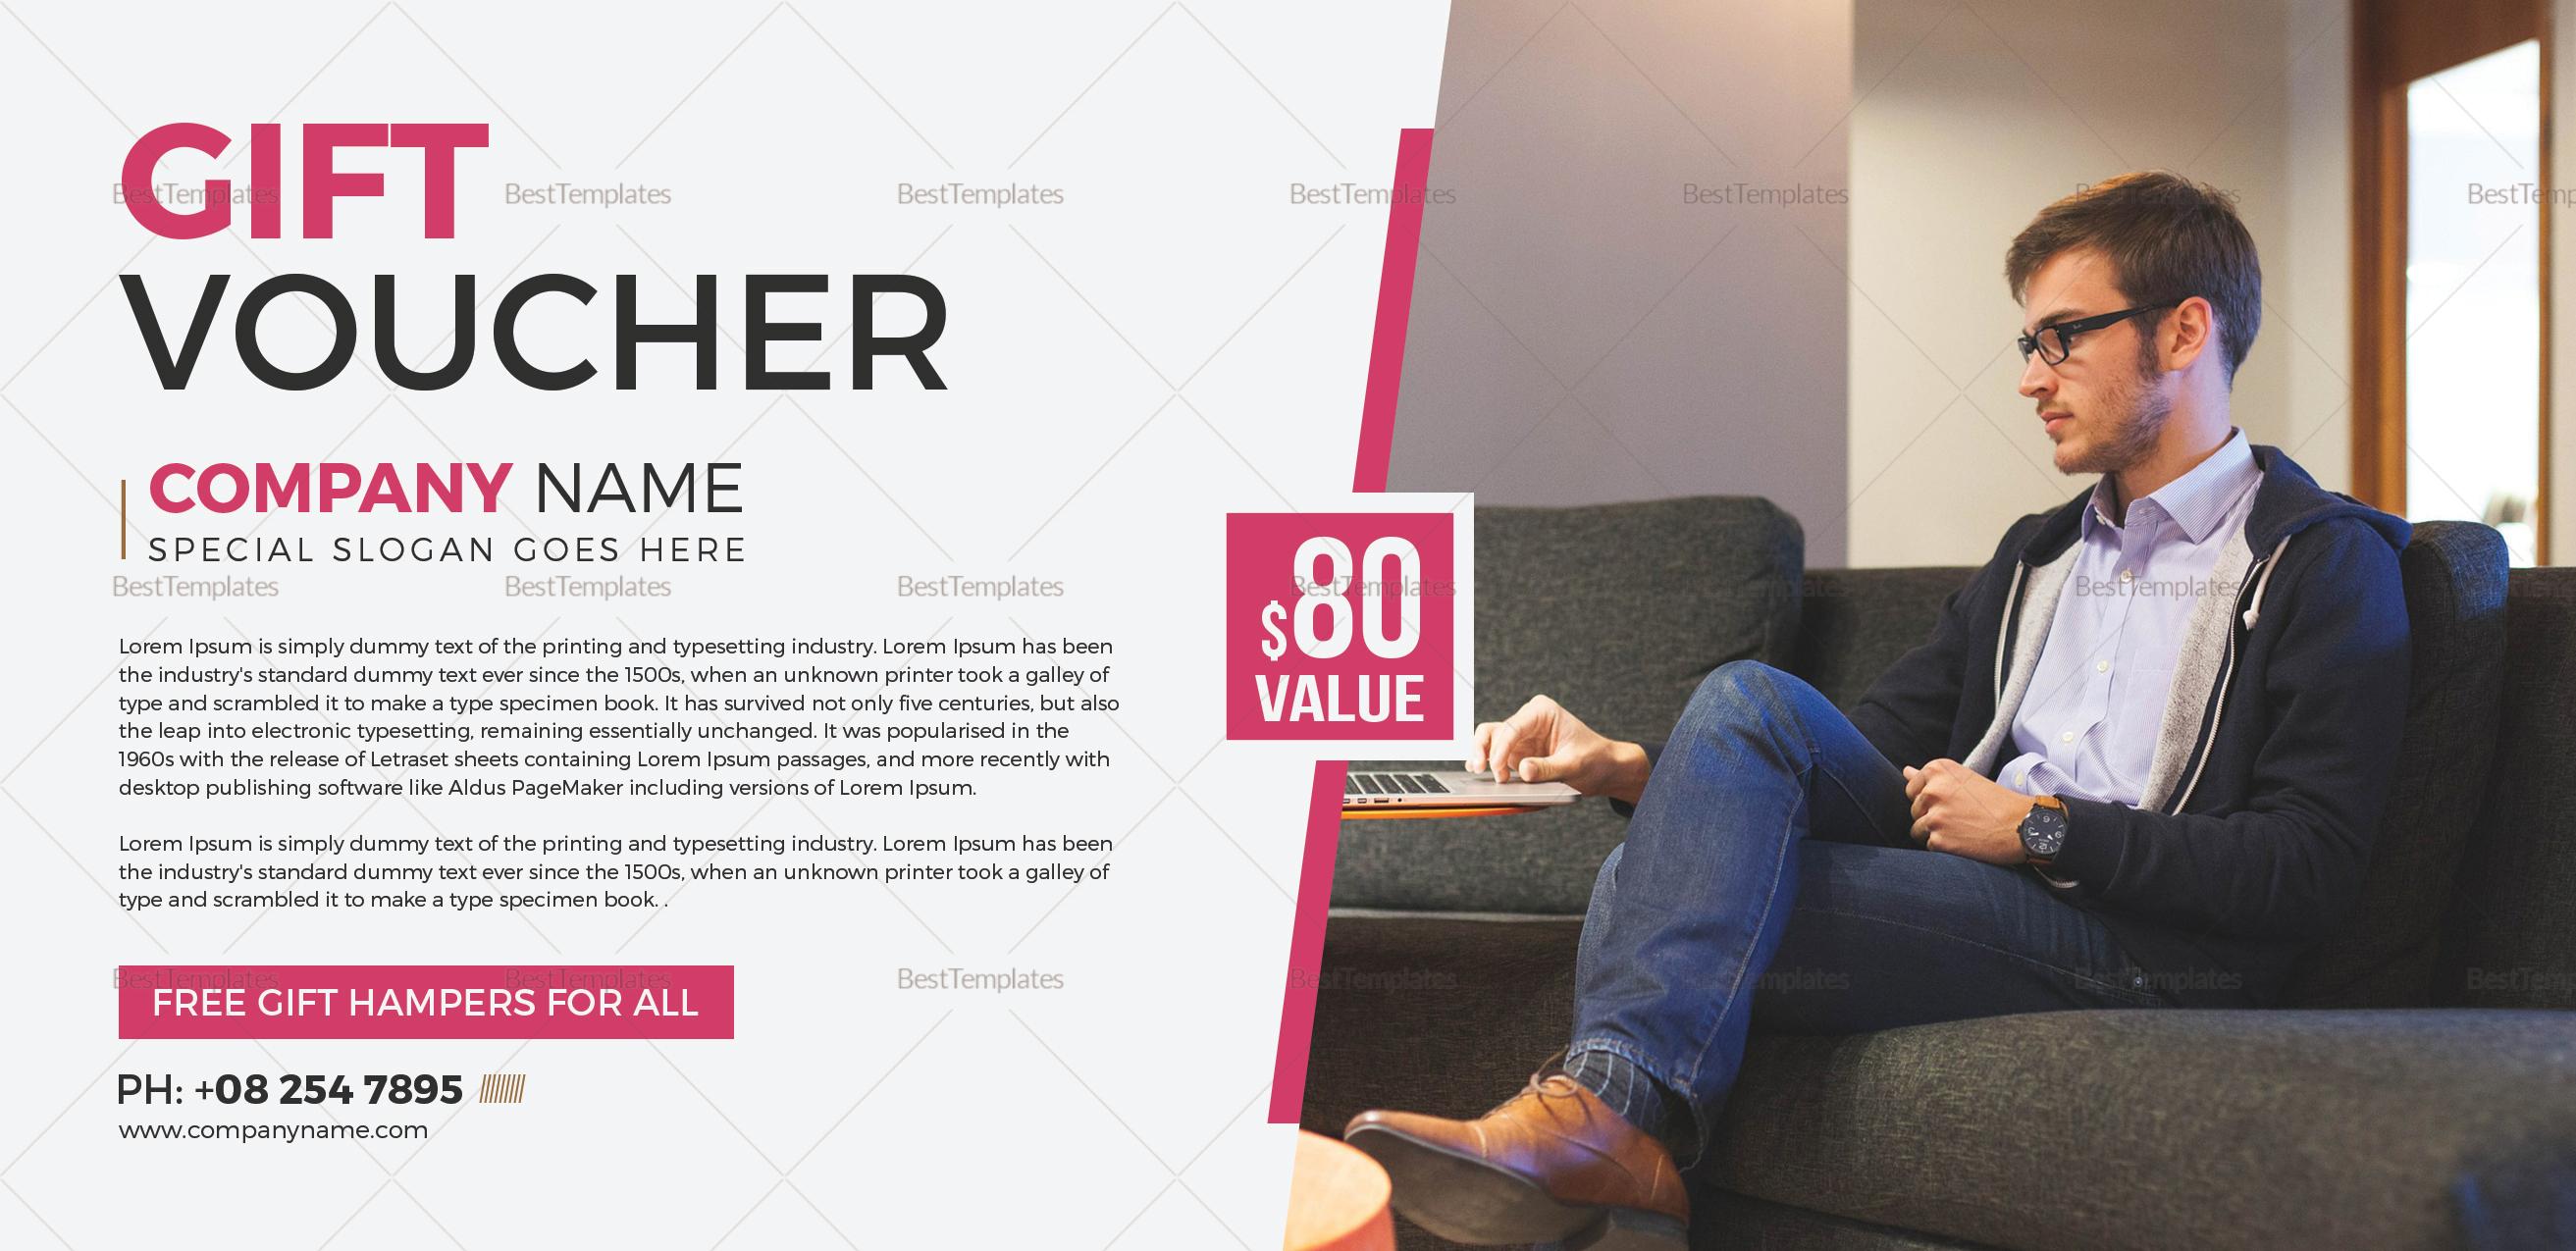 Business Voucher Design Template